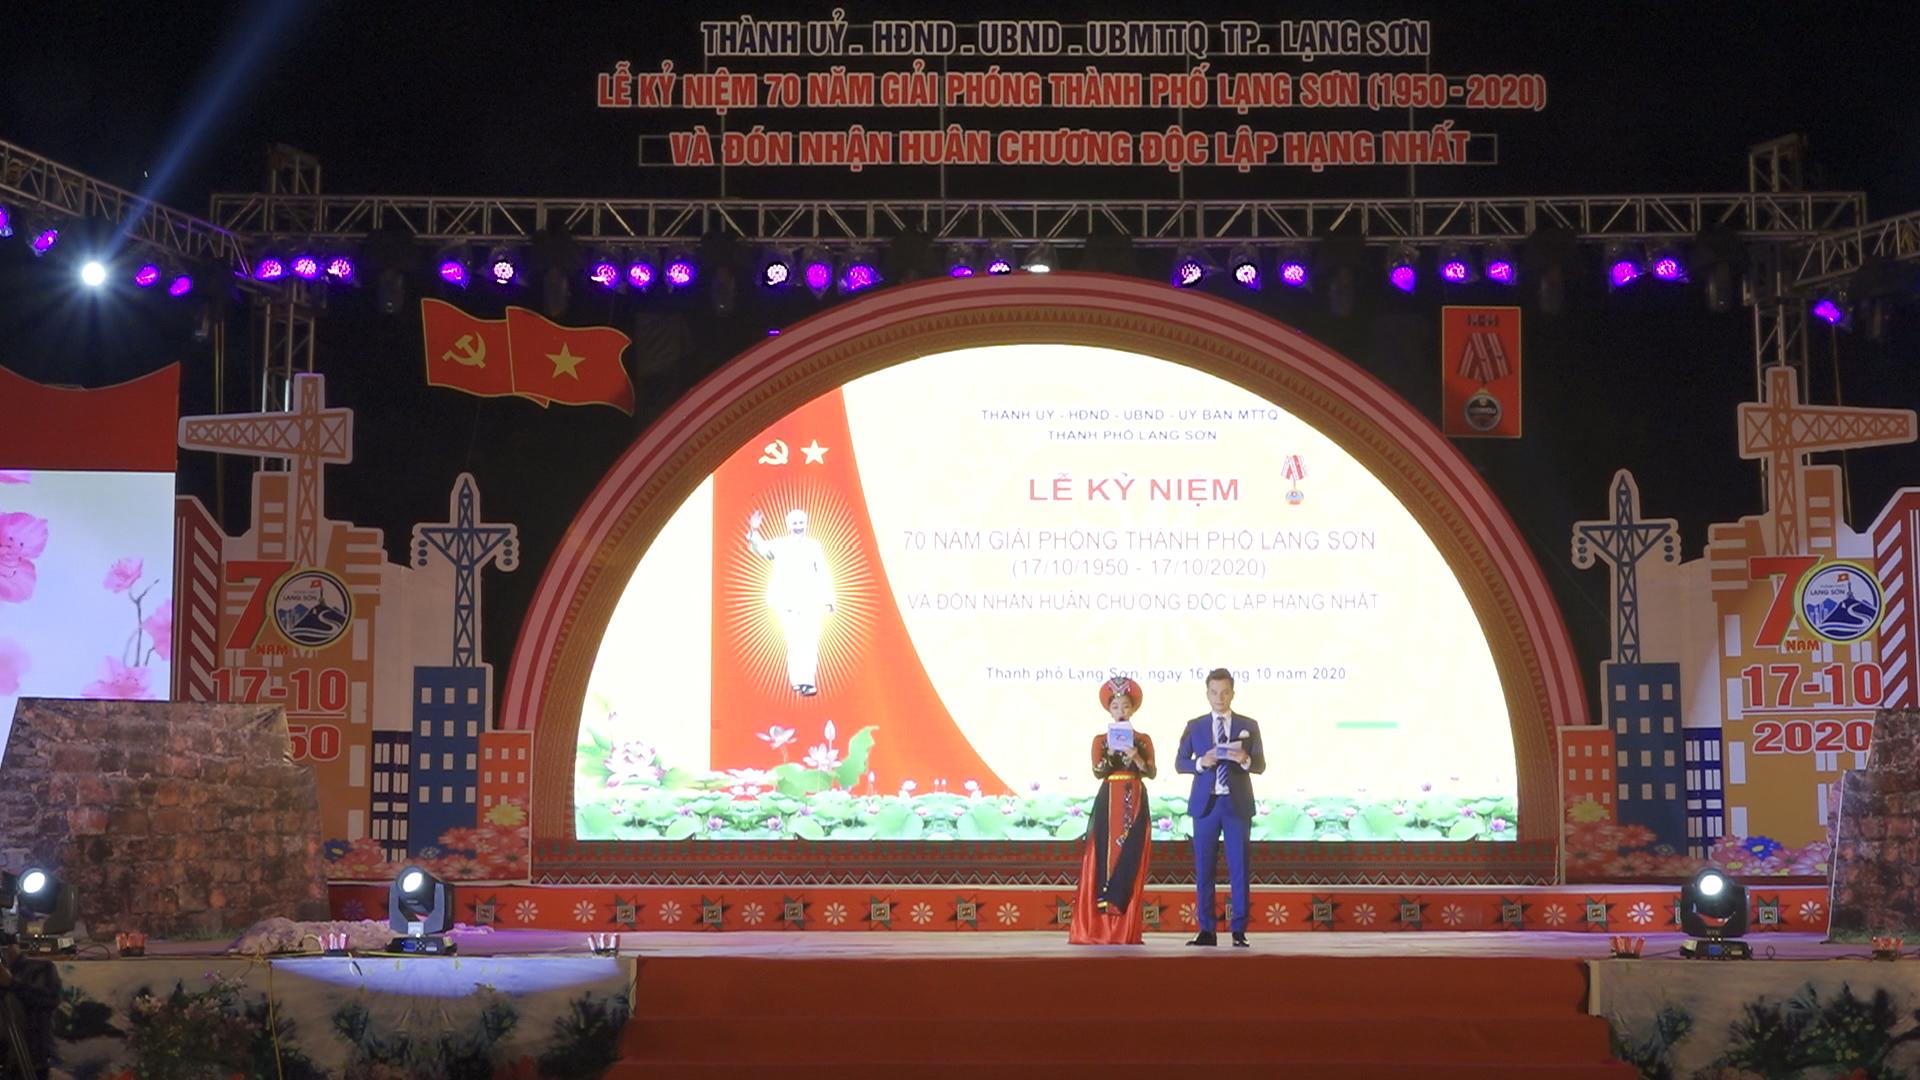 Thành phố Lạng Sơn đón nhận Huân chương Độc lập hạng Nhất trong lễ kỷ niệm 70 năm ngày giải phóng